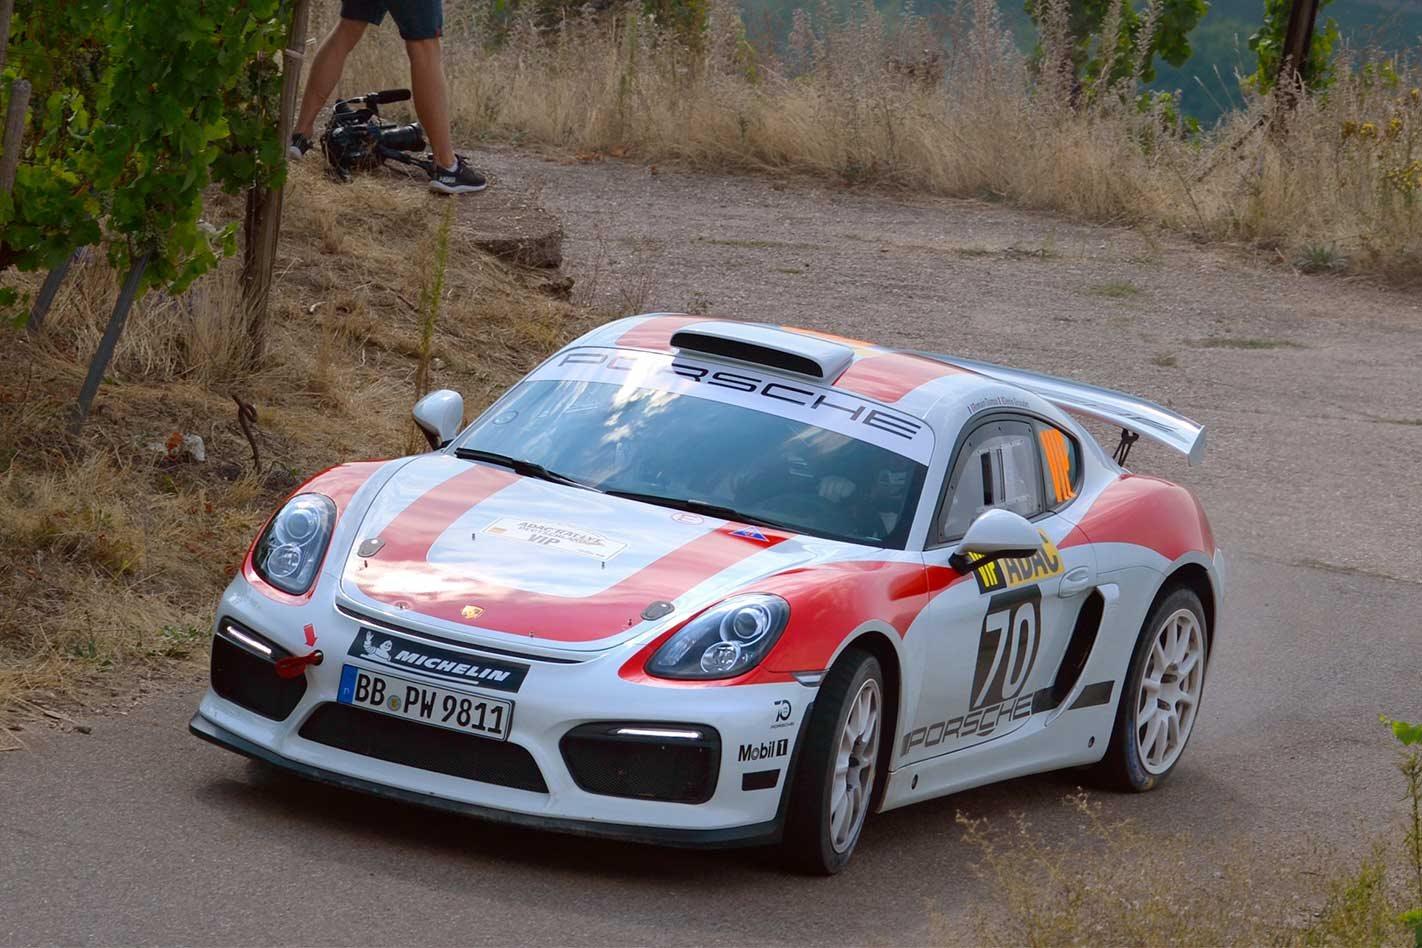 Porsche's Top 5 Rally Cars